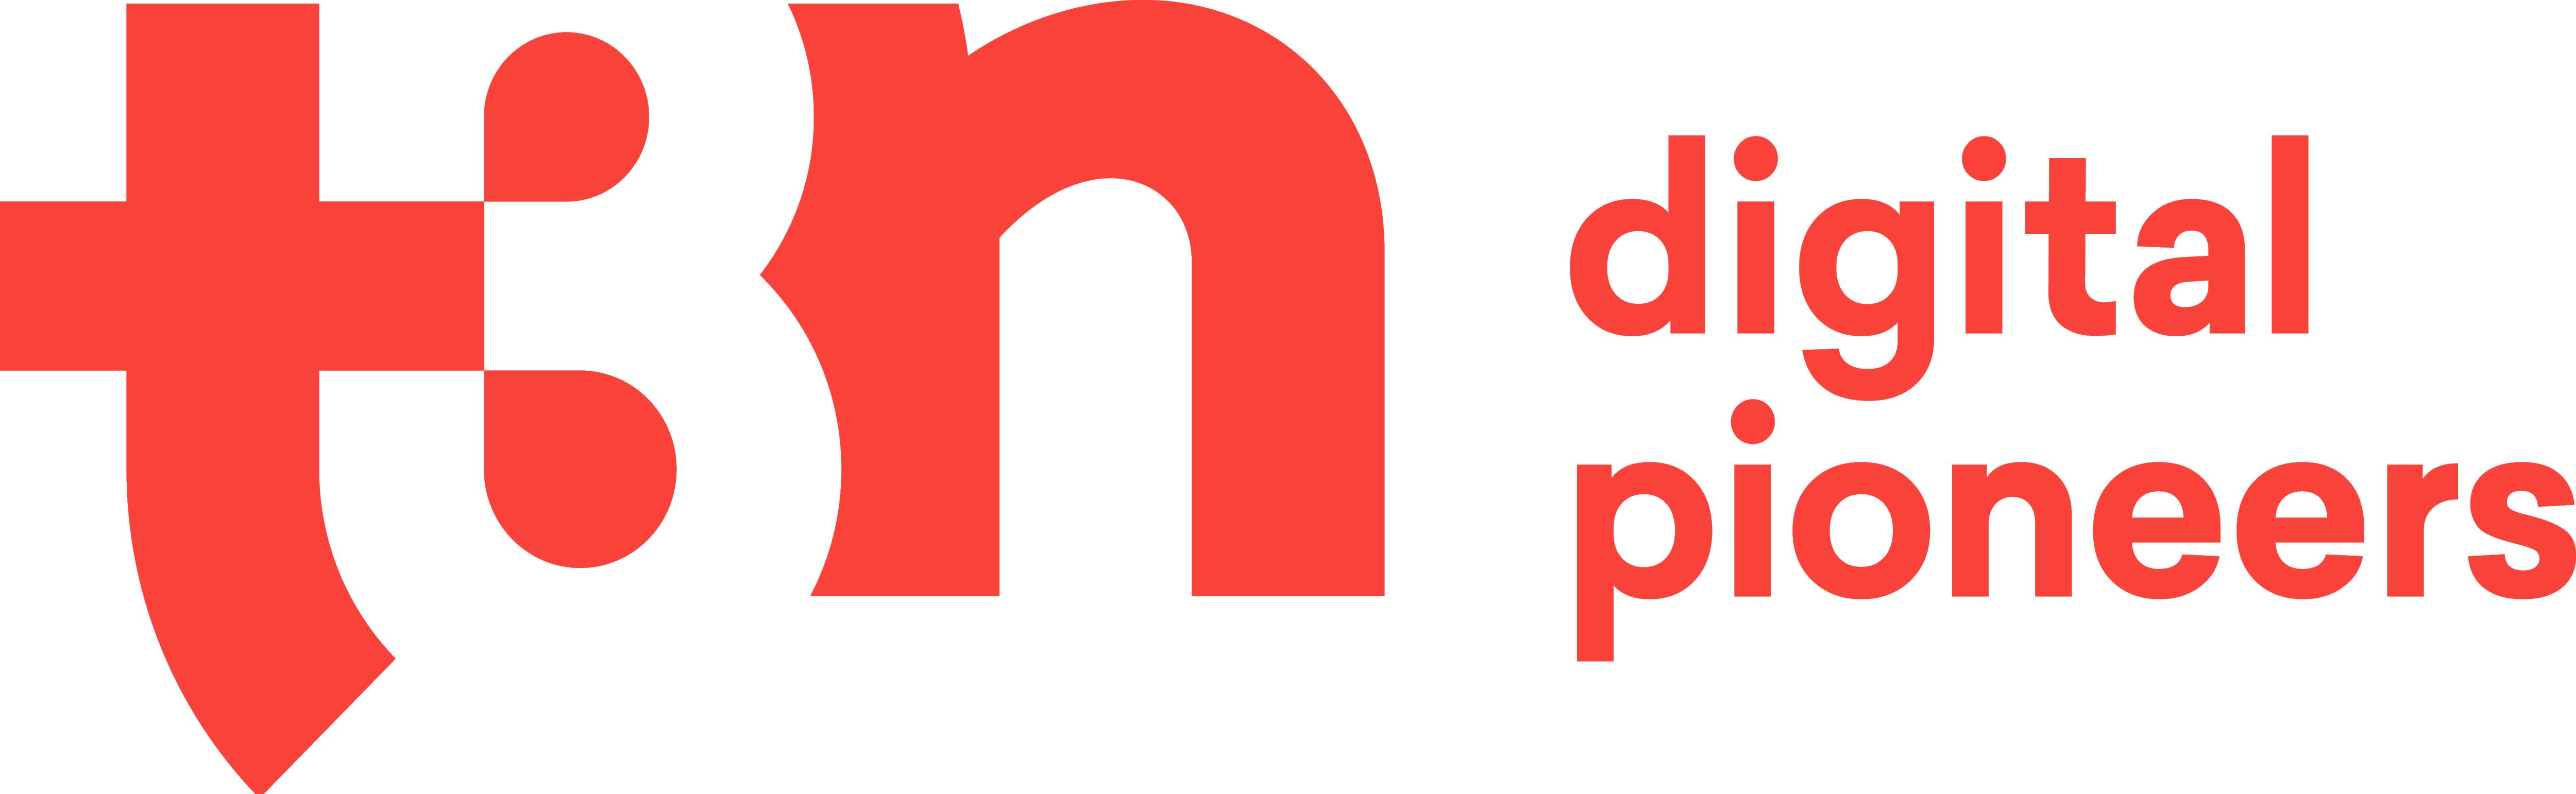 t3n-digital-pioneers-Logo